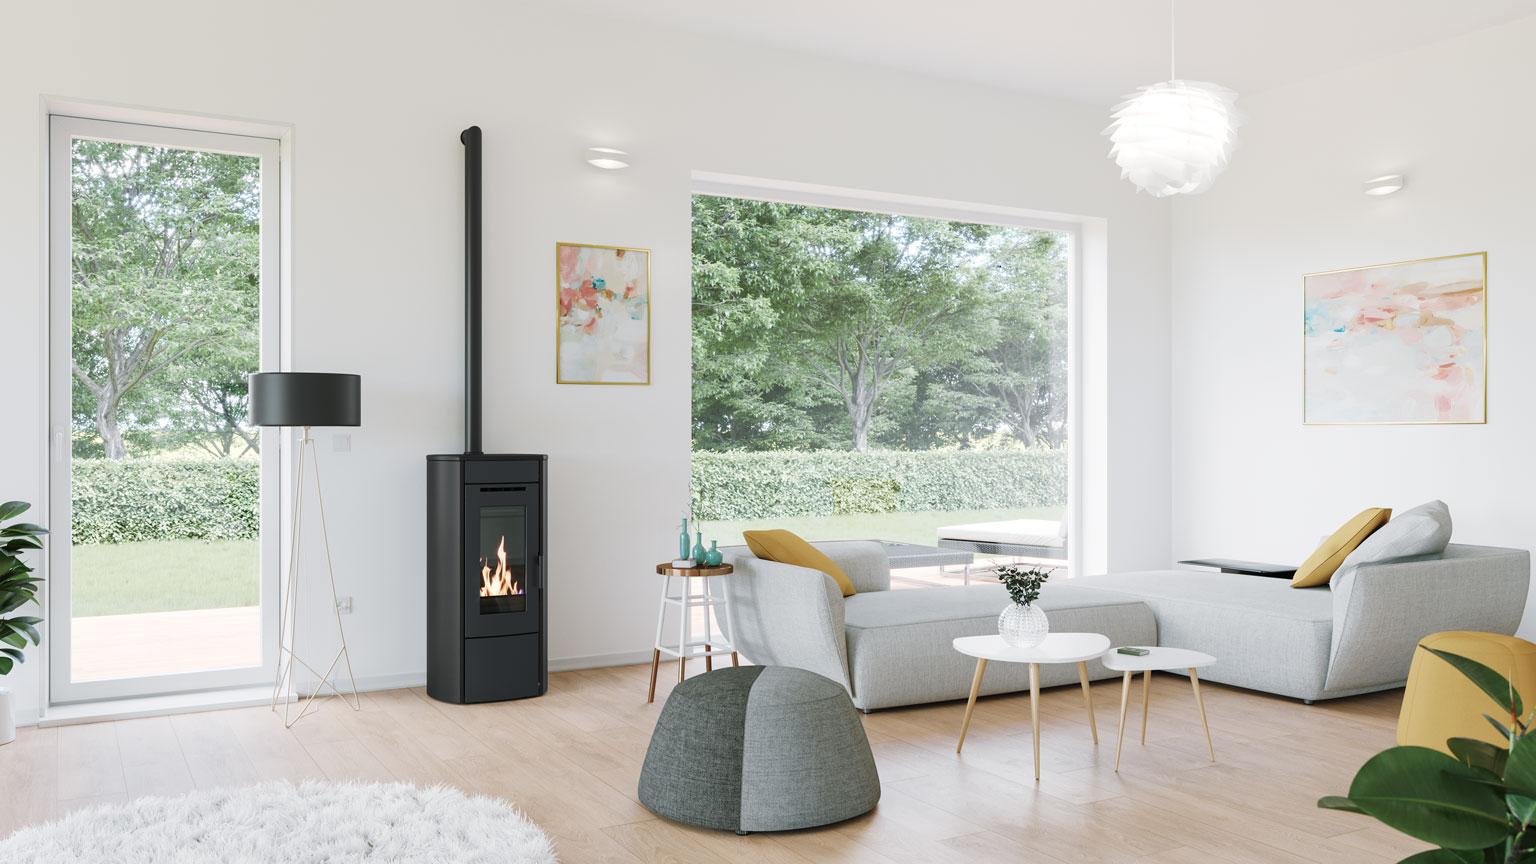 Interieurtips Kleine Woonkamer : Tips voor de ideale indeling van een kleine woonkamer